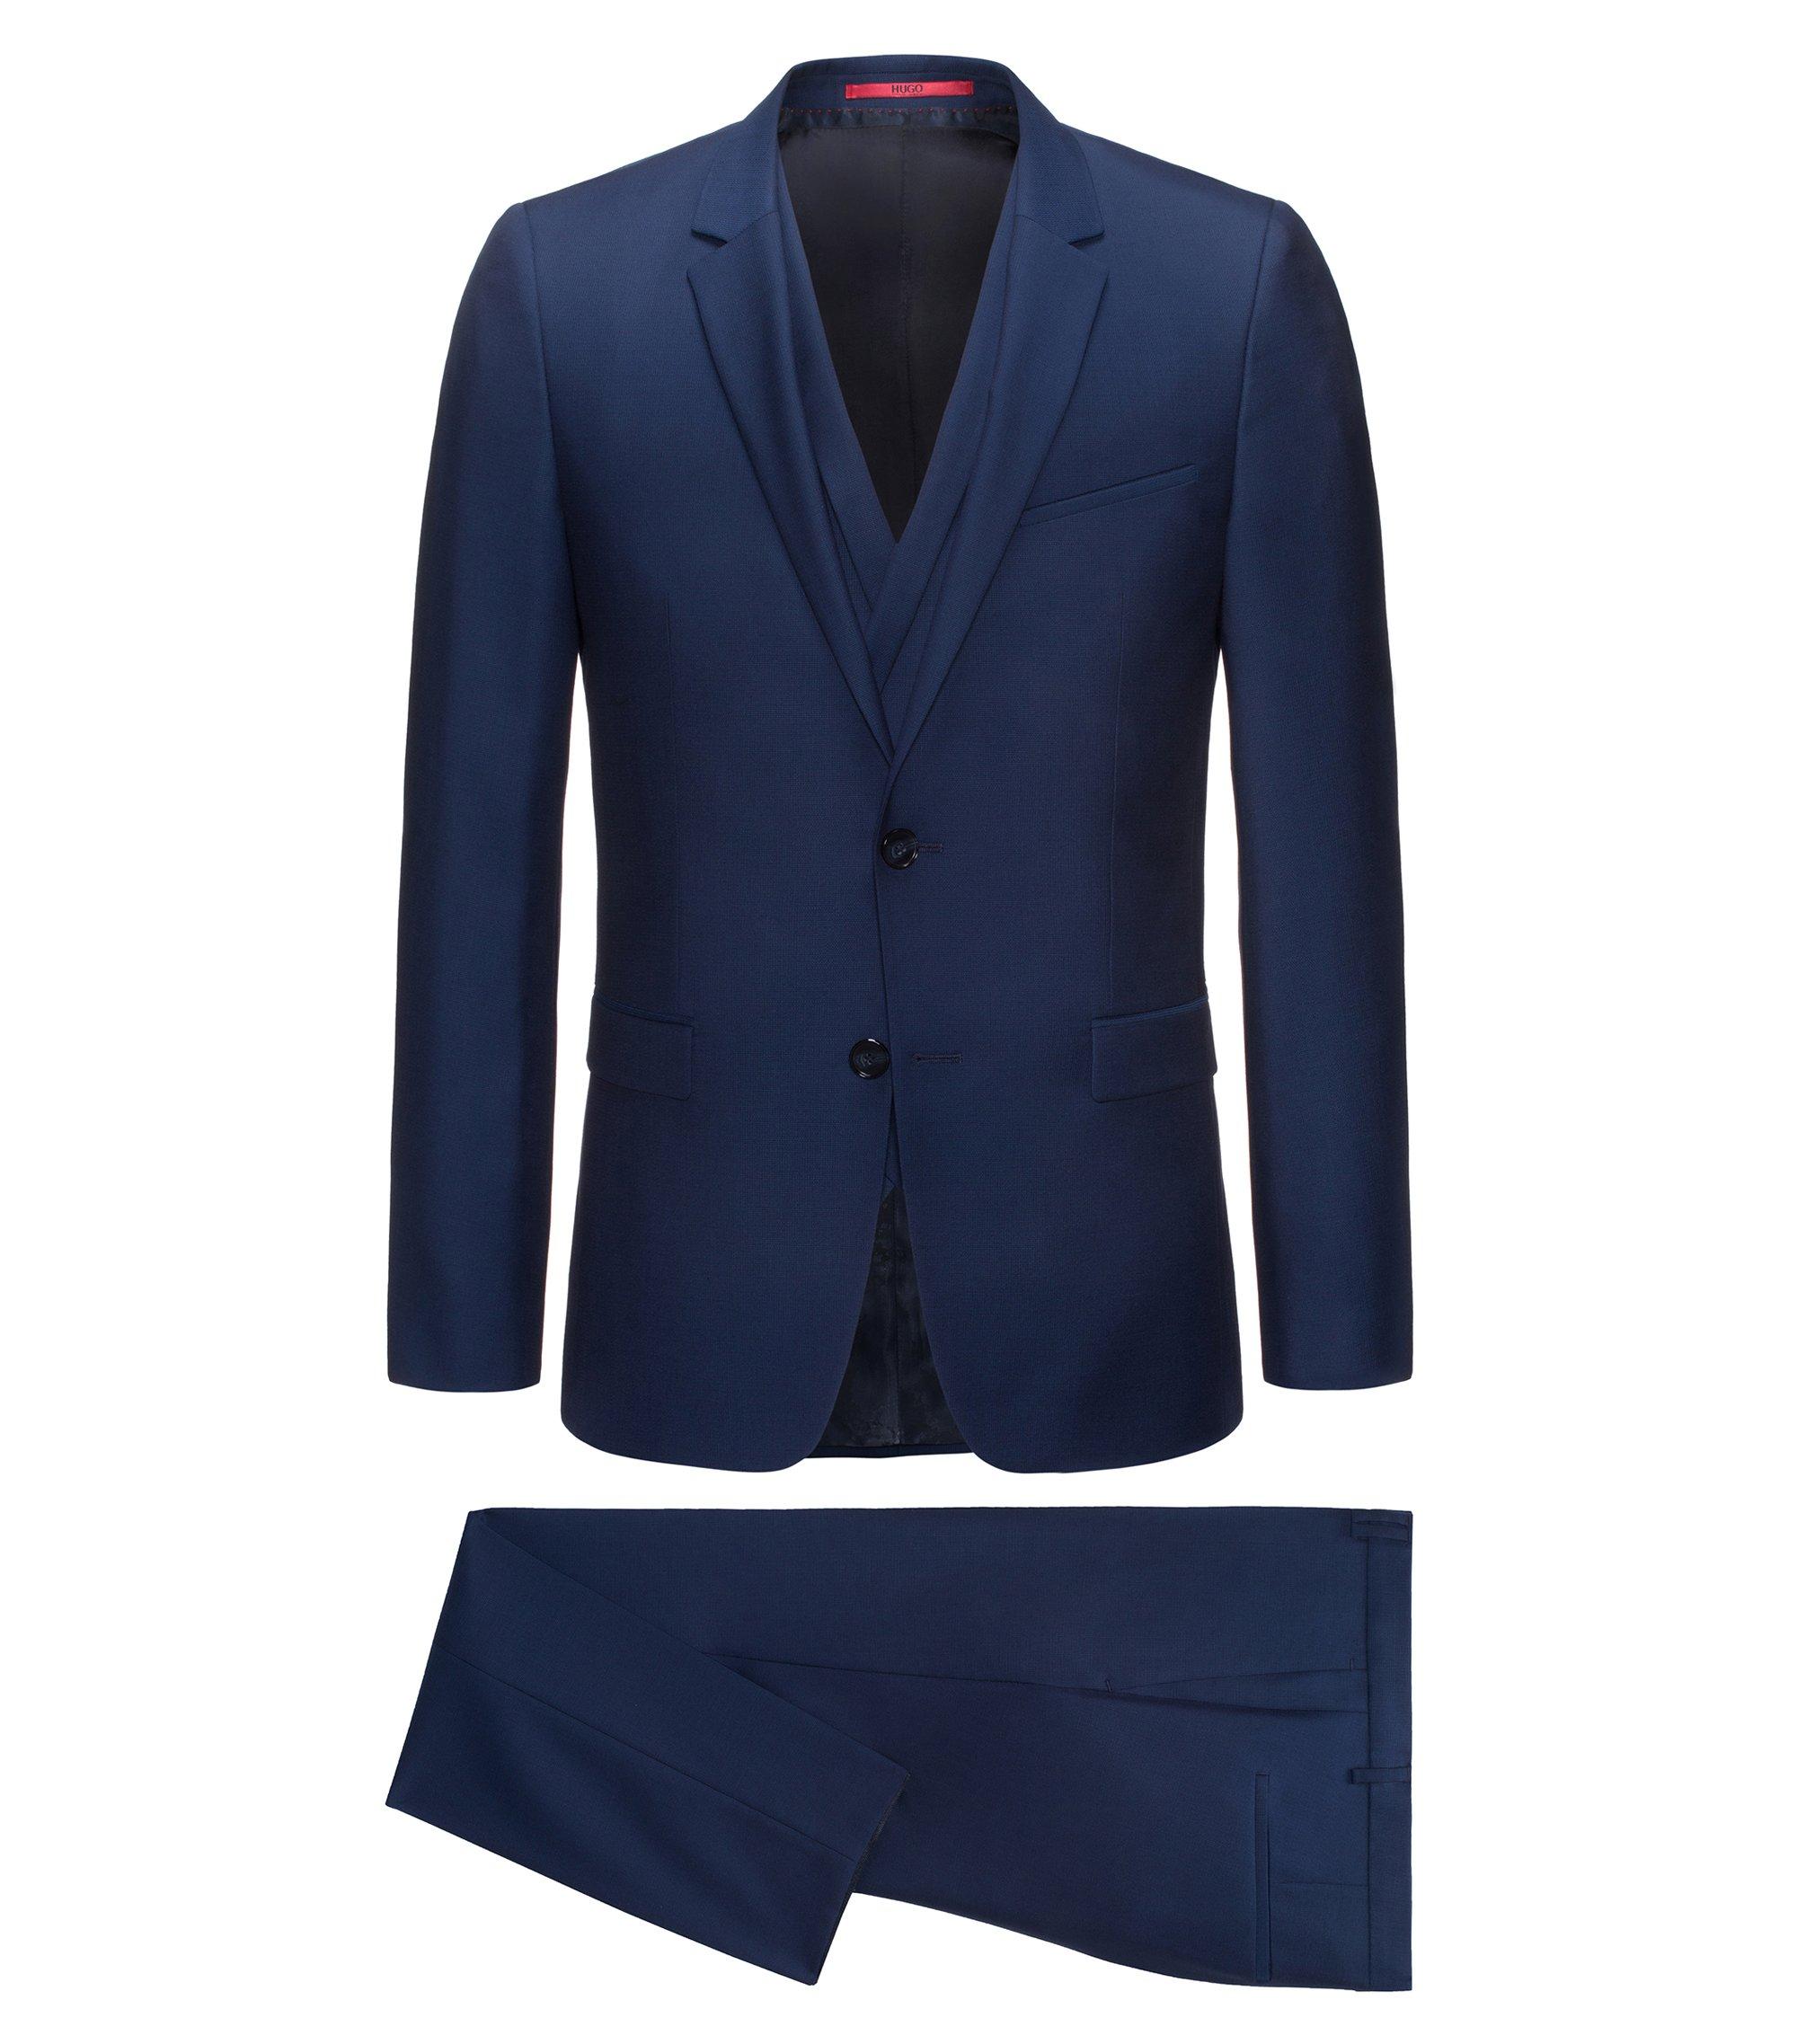 Costume trois pièces Extra Slim Fit en laine vierge, avec gilet croisé, Bleu foncé